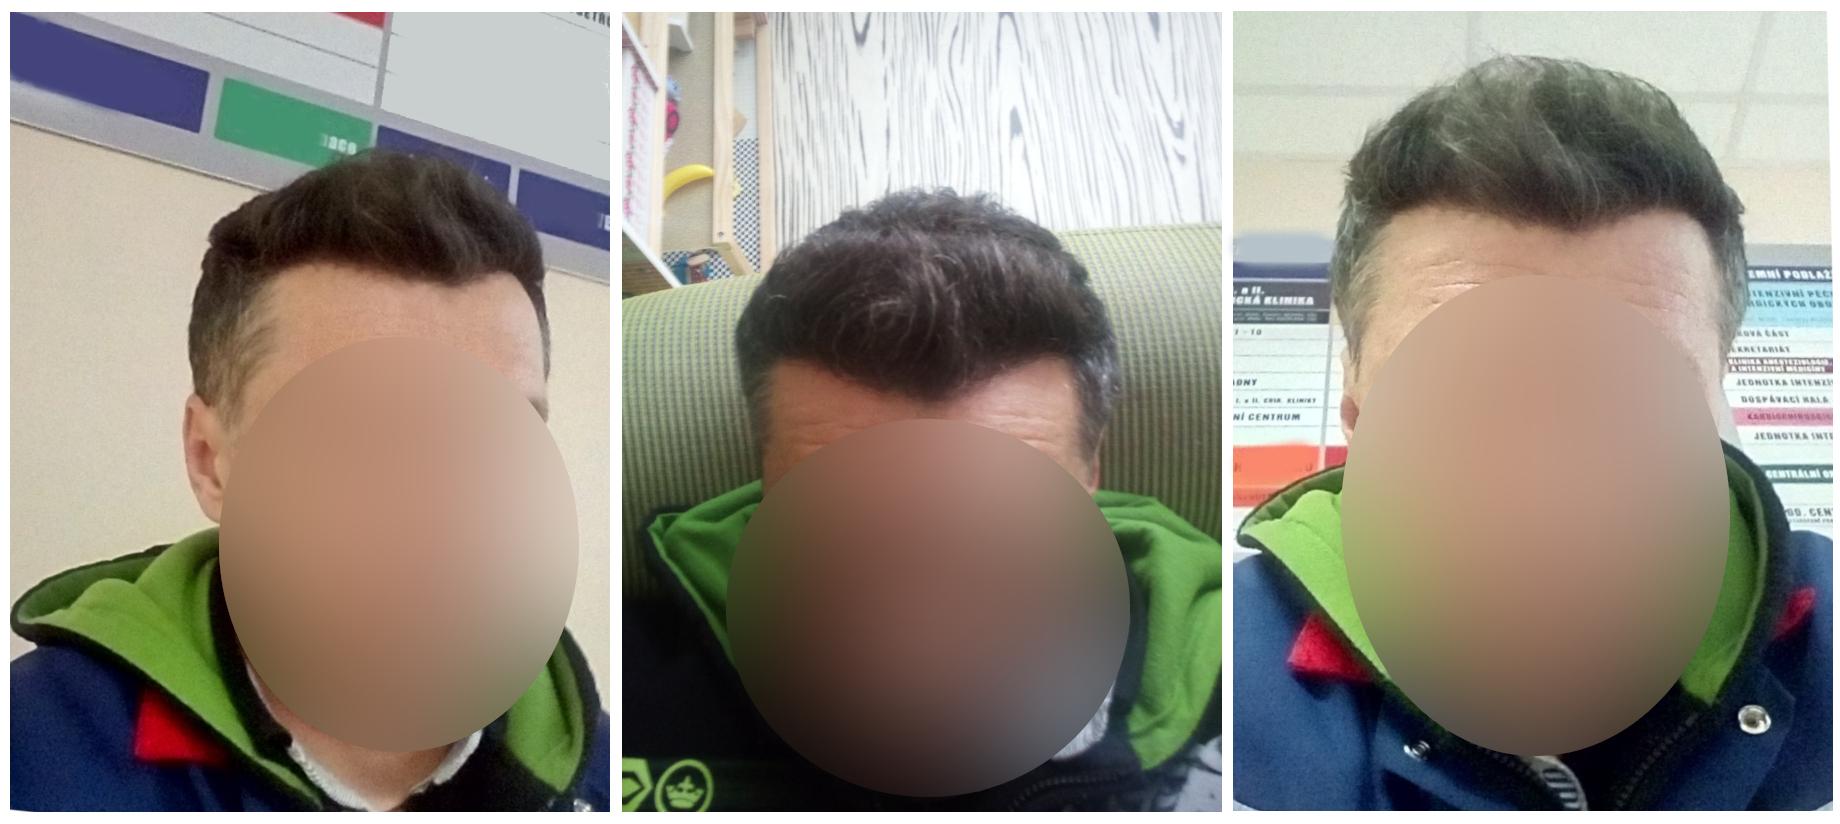 Výsledek transplantace vlasů